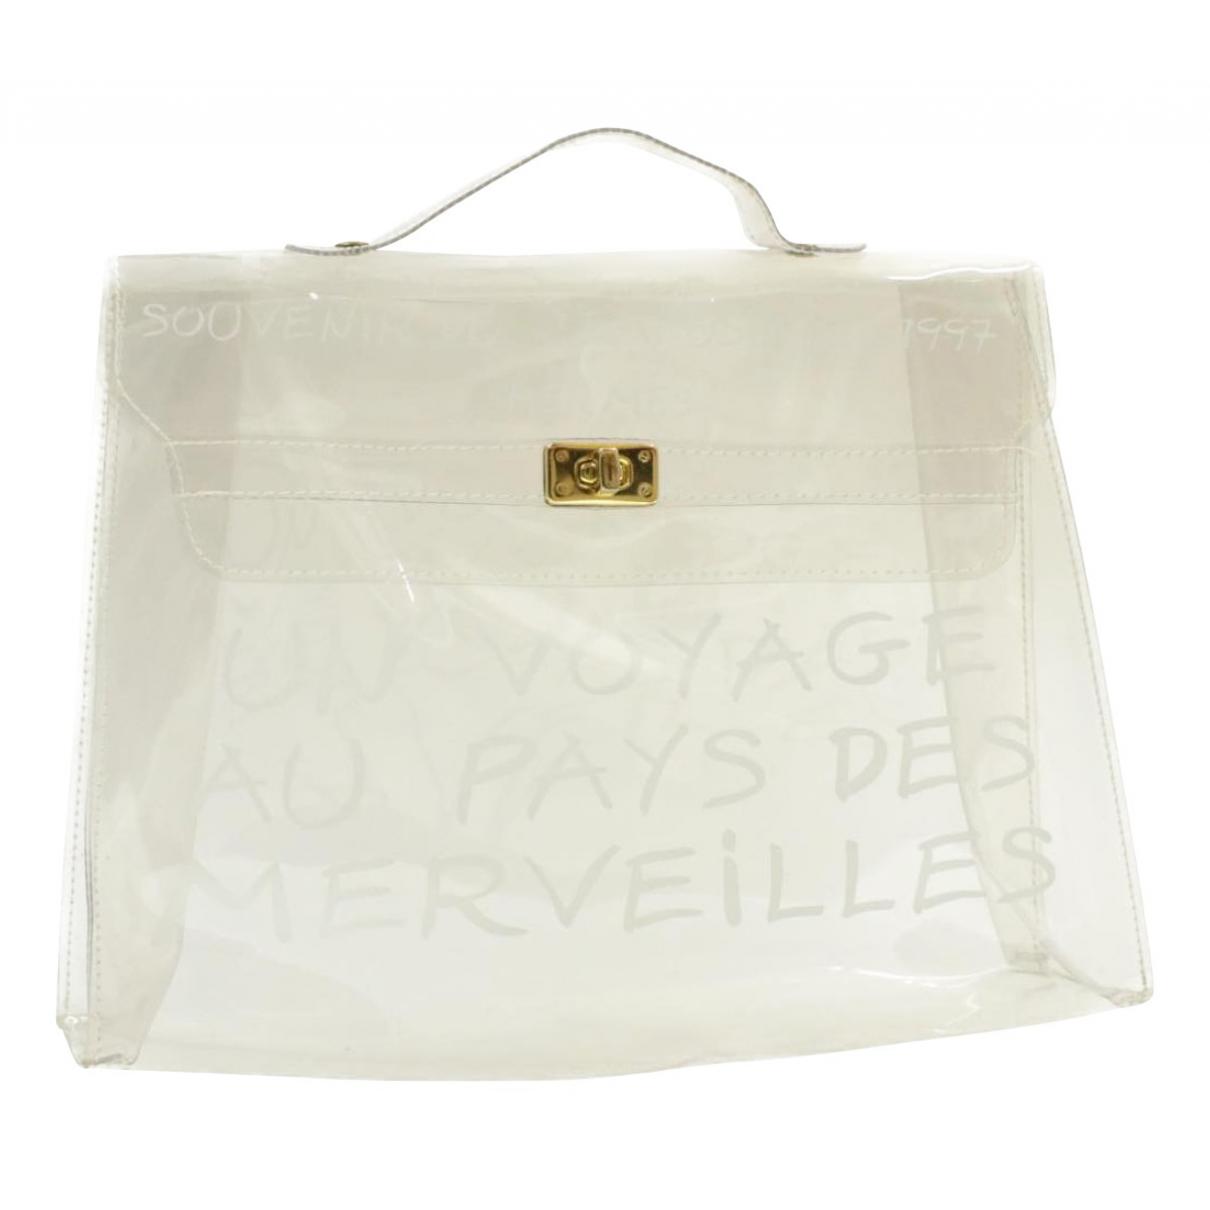 Hermes Kelly 40 Handtasche in  Weiss Kunststoff